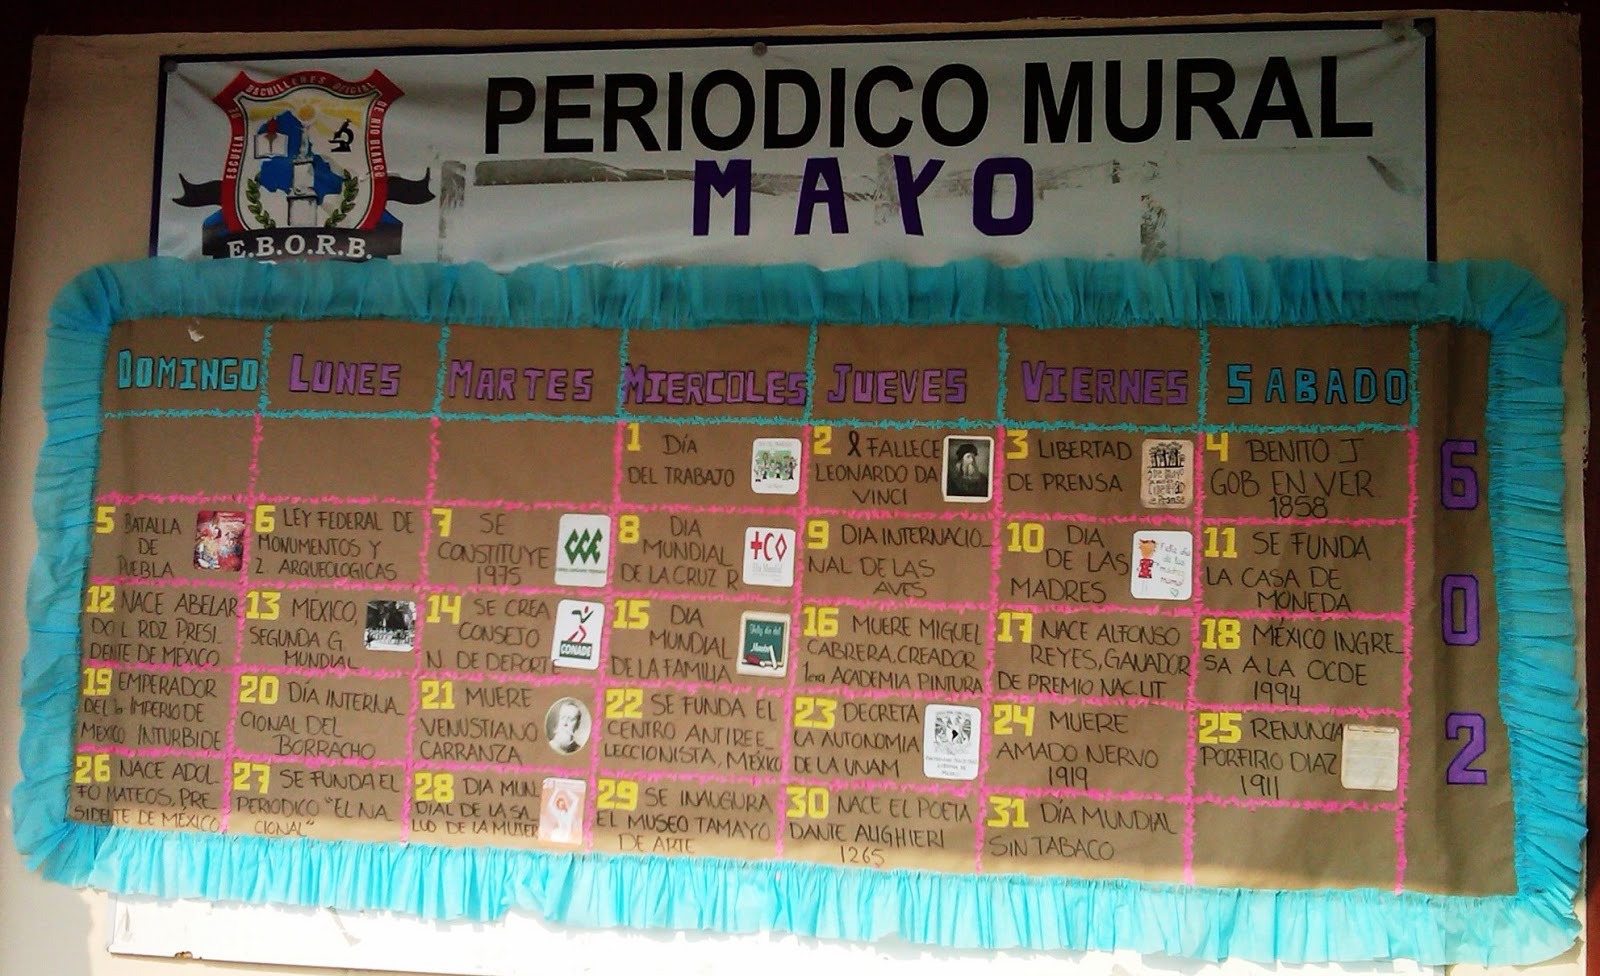 Peri dico mural mayo mes de las madres 23 imagenes for Cuales son las partes de un periodico mural